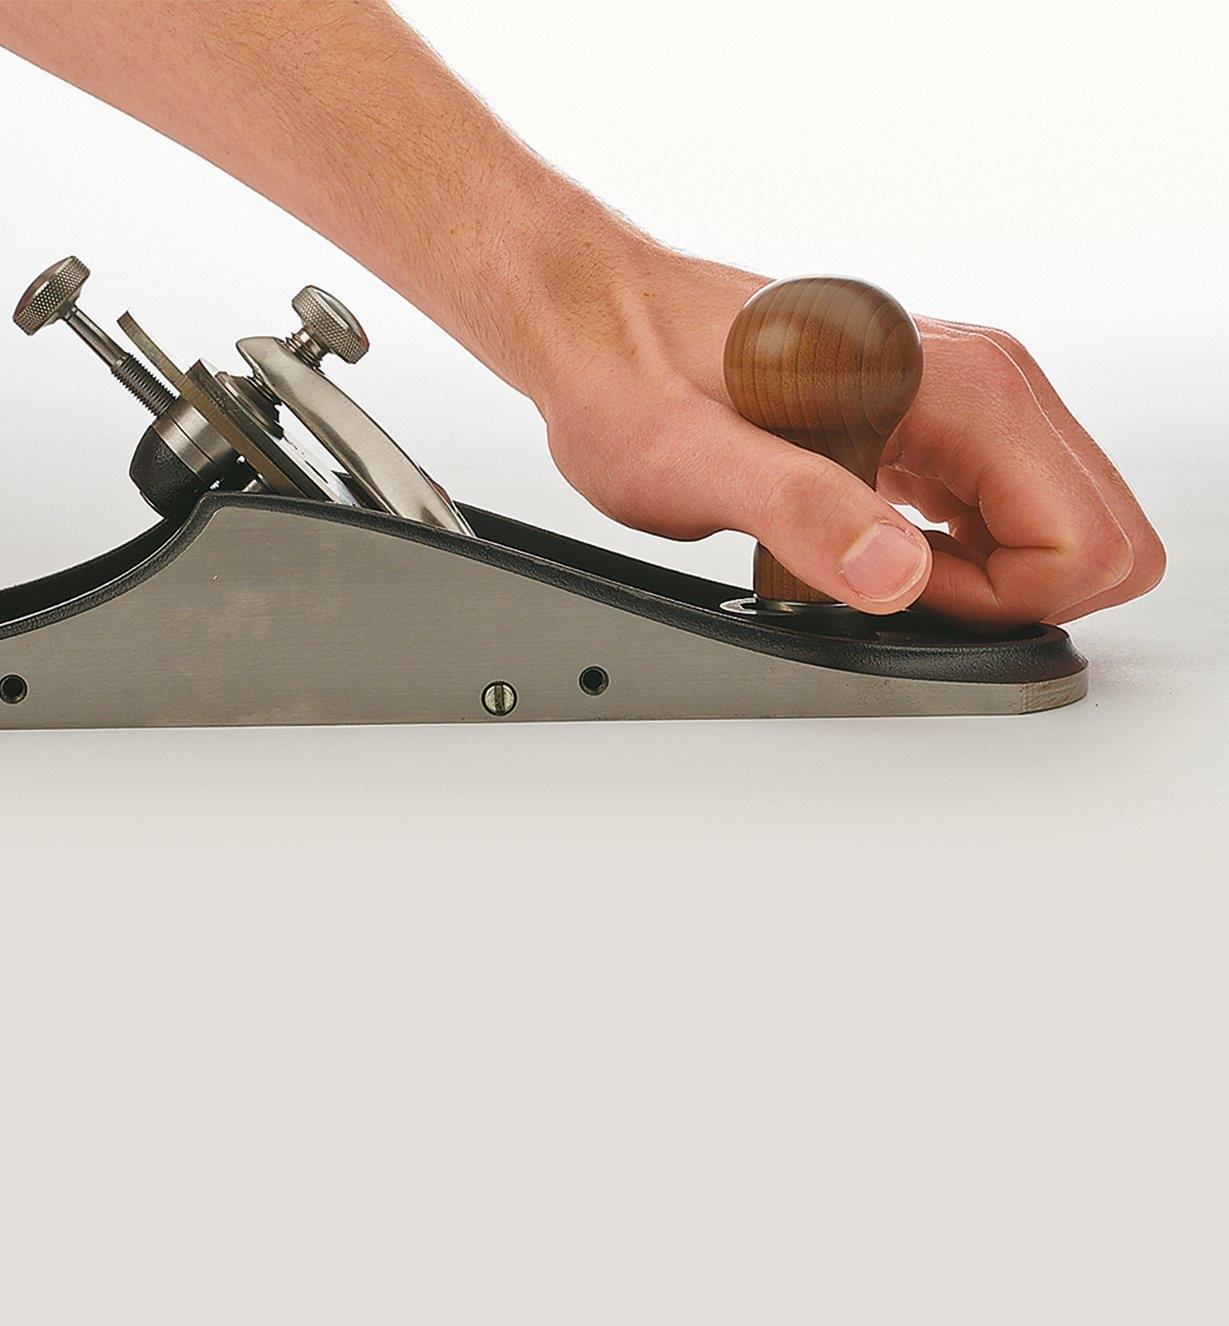 06P2013 - Grand pommeau  pour rabots d'atelier personnalisables Veritas